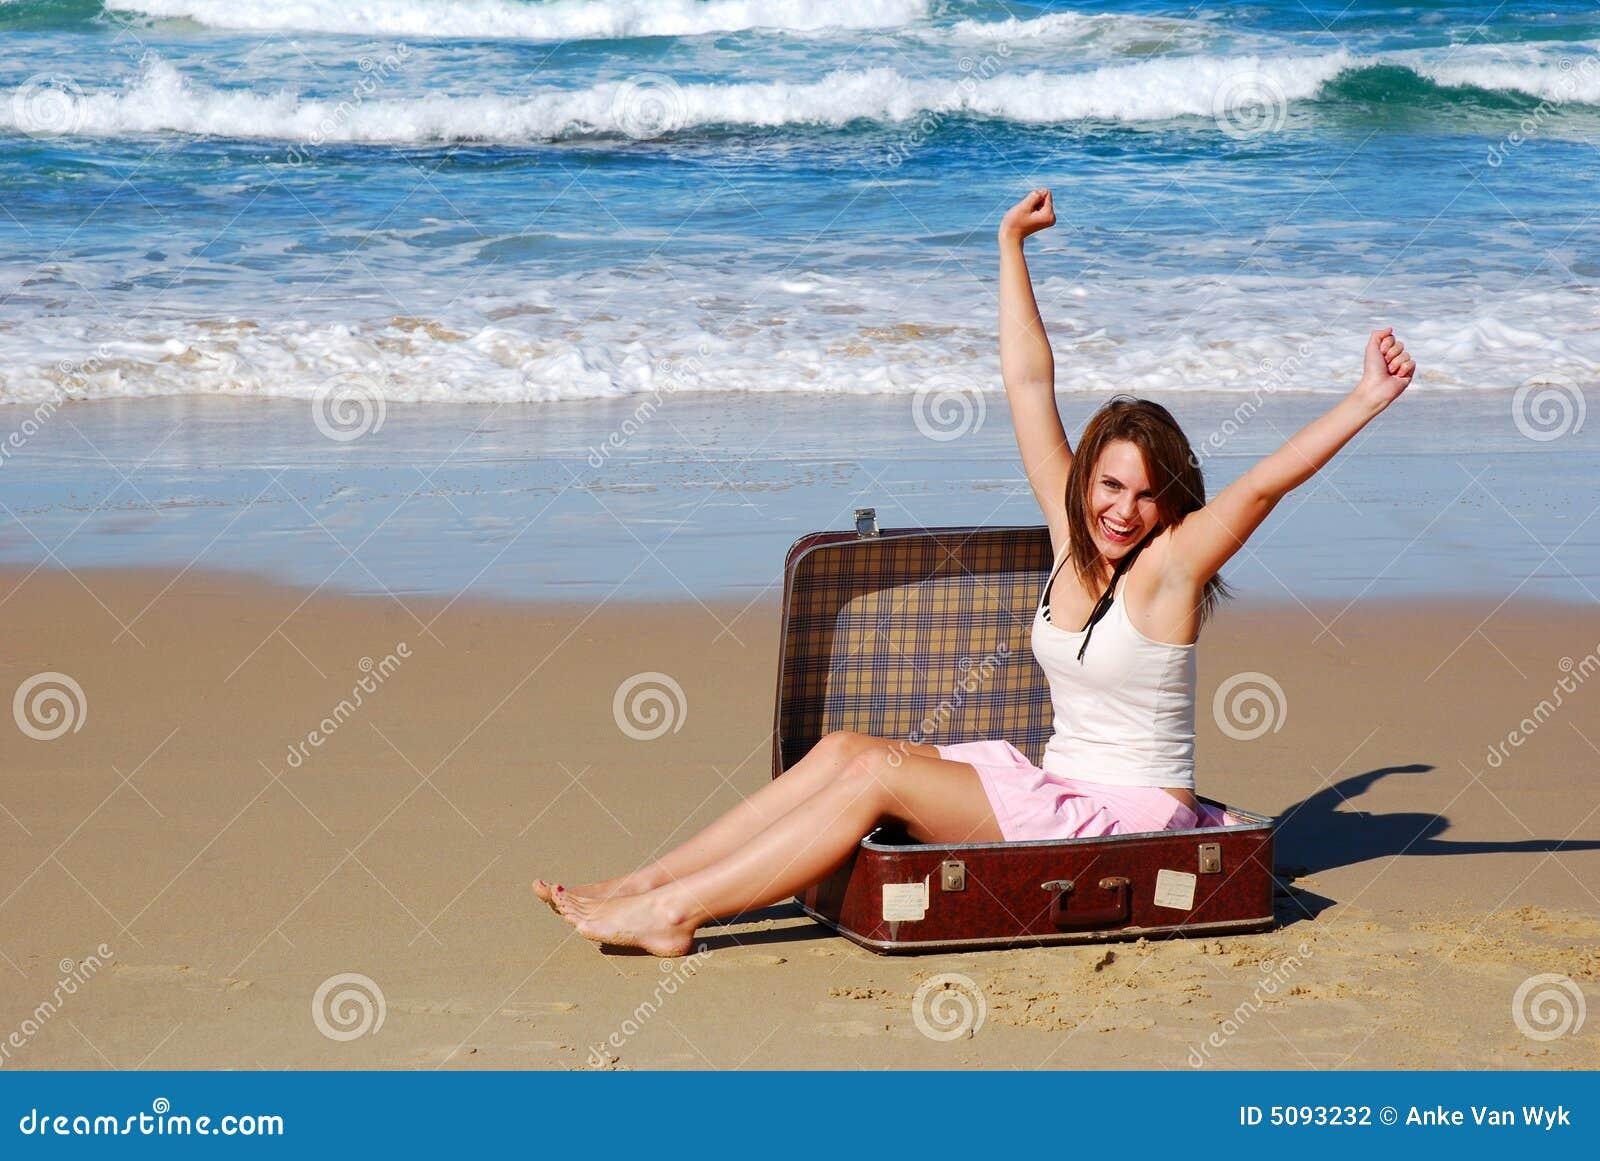 Strandsatt kvinna